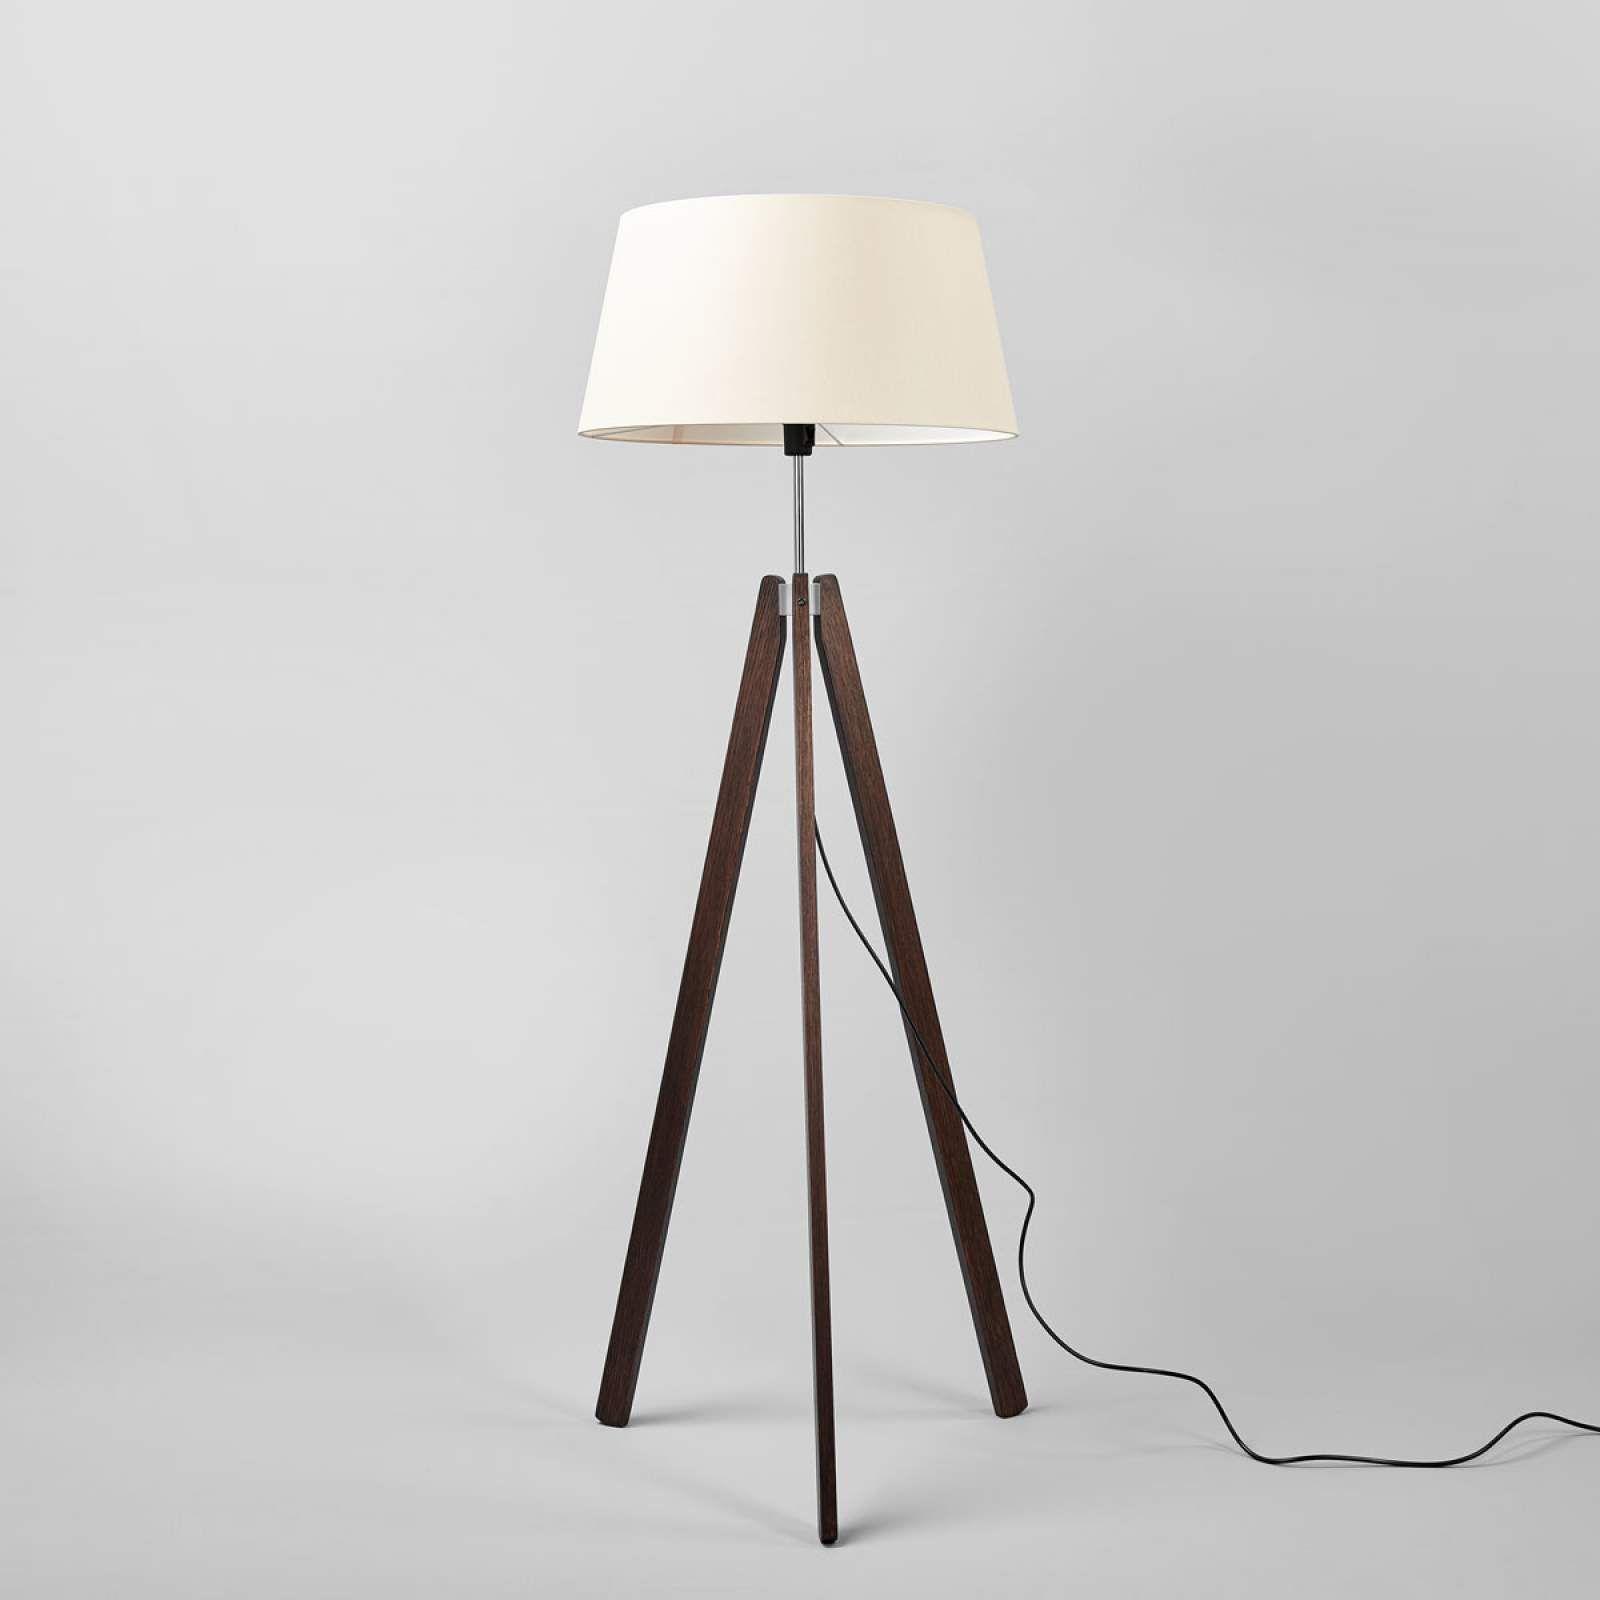 Designer Stehlampe Von Lucande Braun Stehlampe Lampen Und